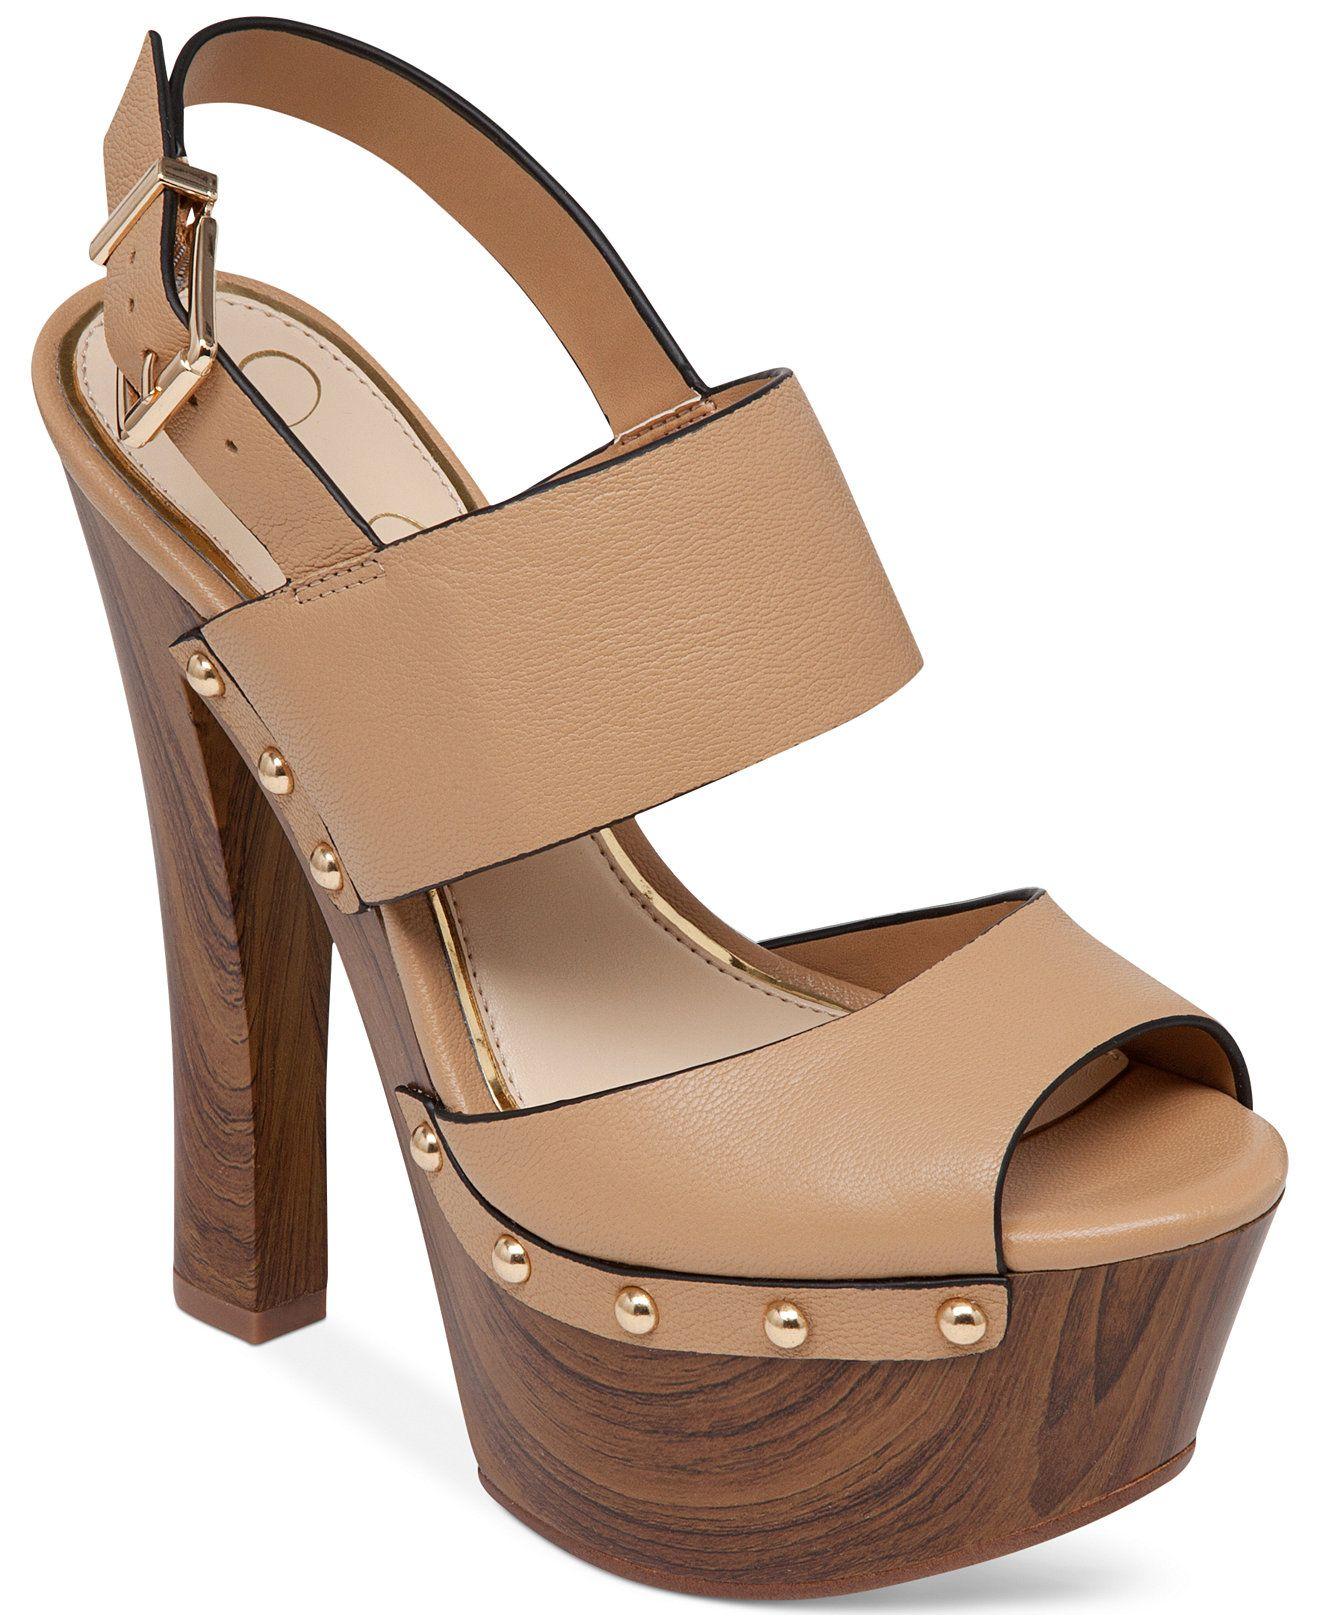 60cf6bf1114 Jessica Simpson Dallis Platform Sandals - Sandals - Shoes - Macy s ...